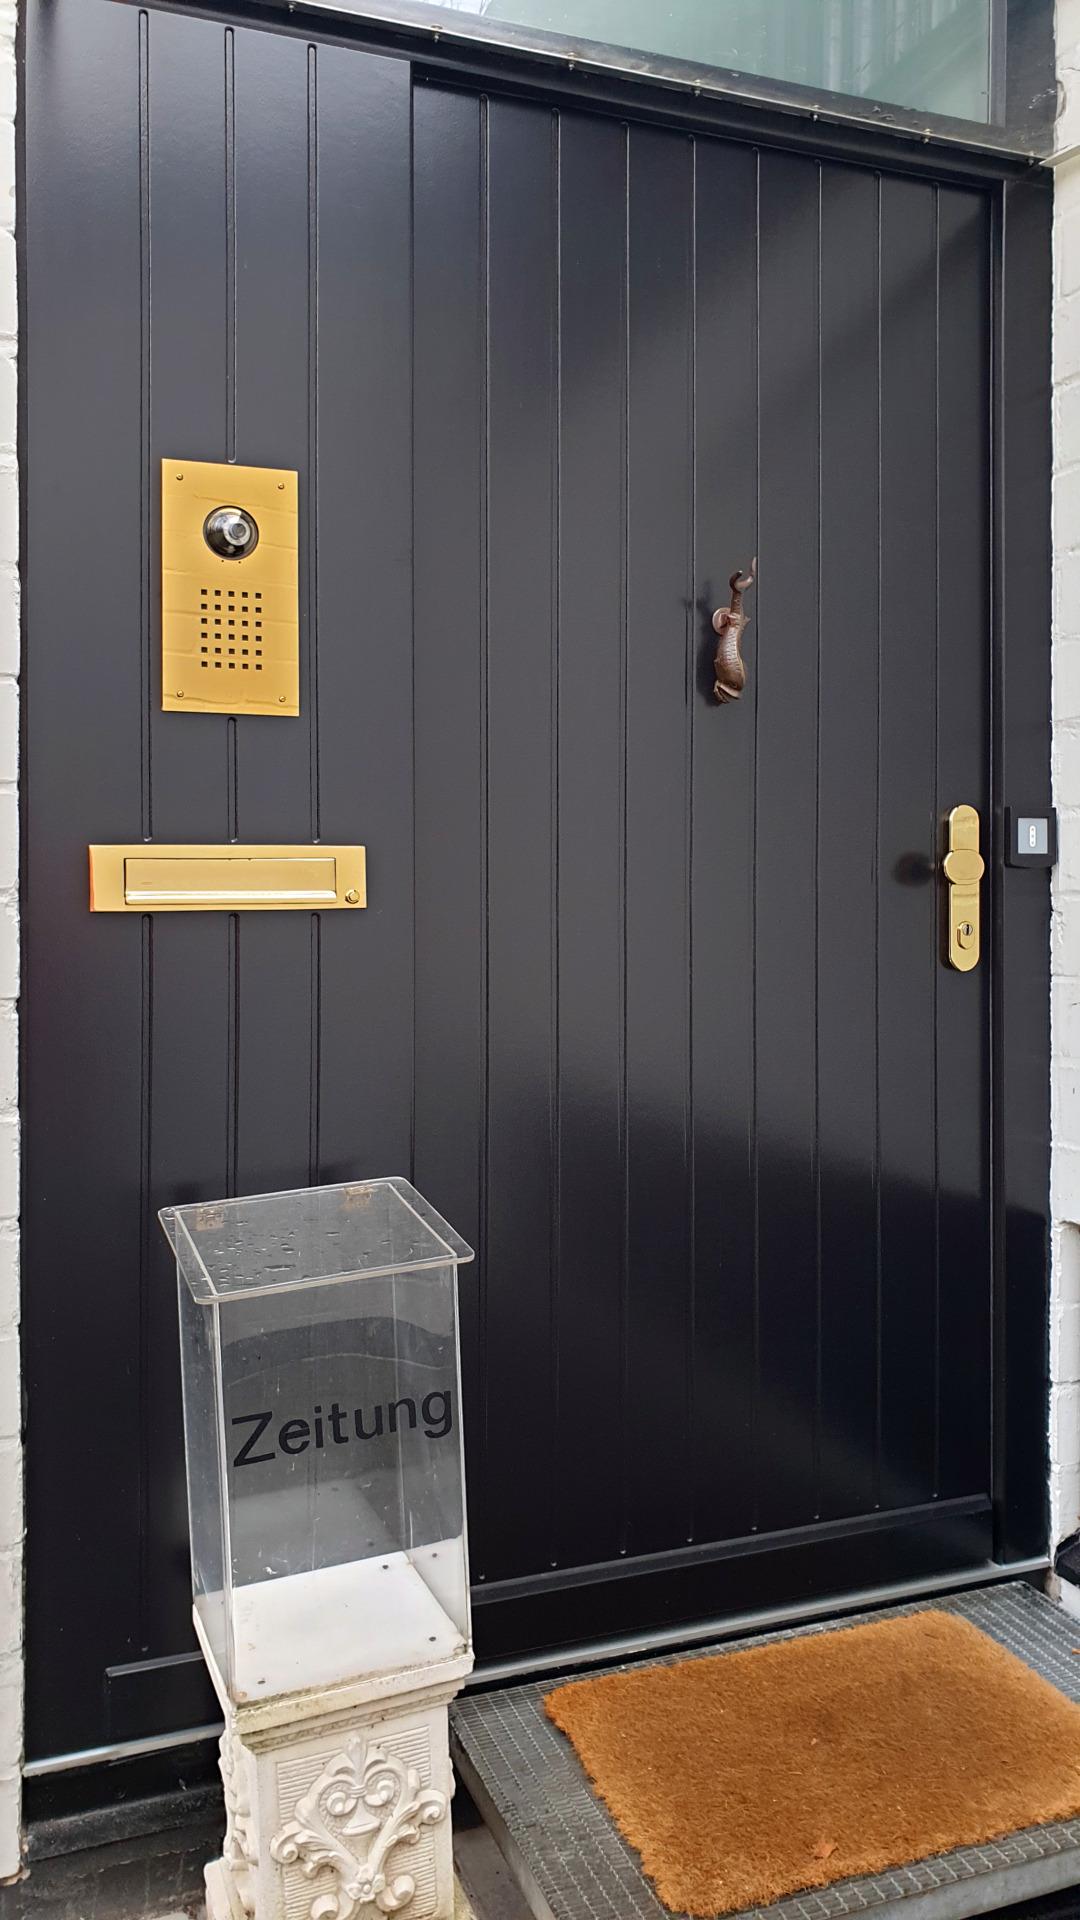 Holz Haustür mit Alarmanlagenschaltung und Design nach Kundenwunsch